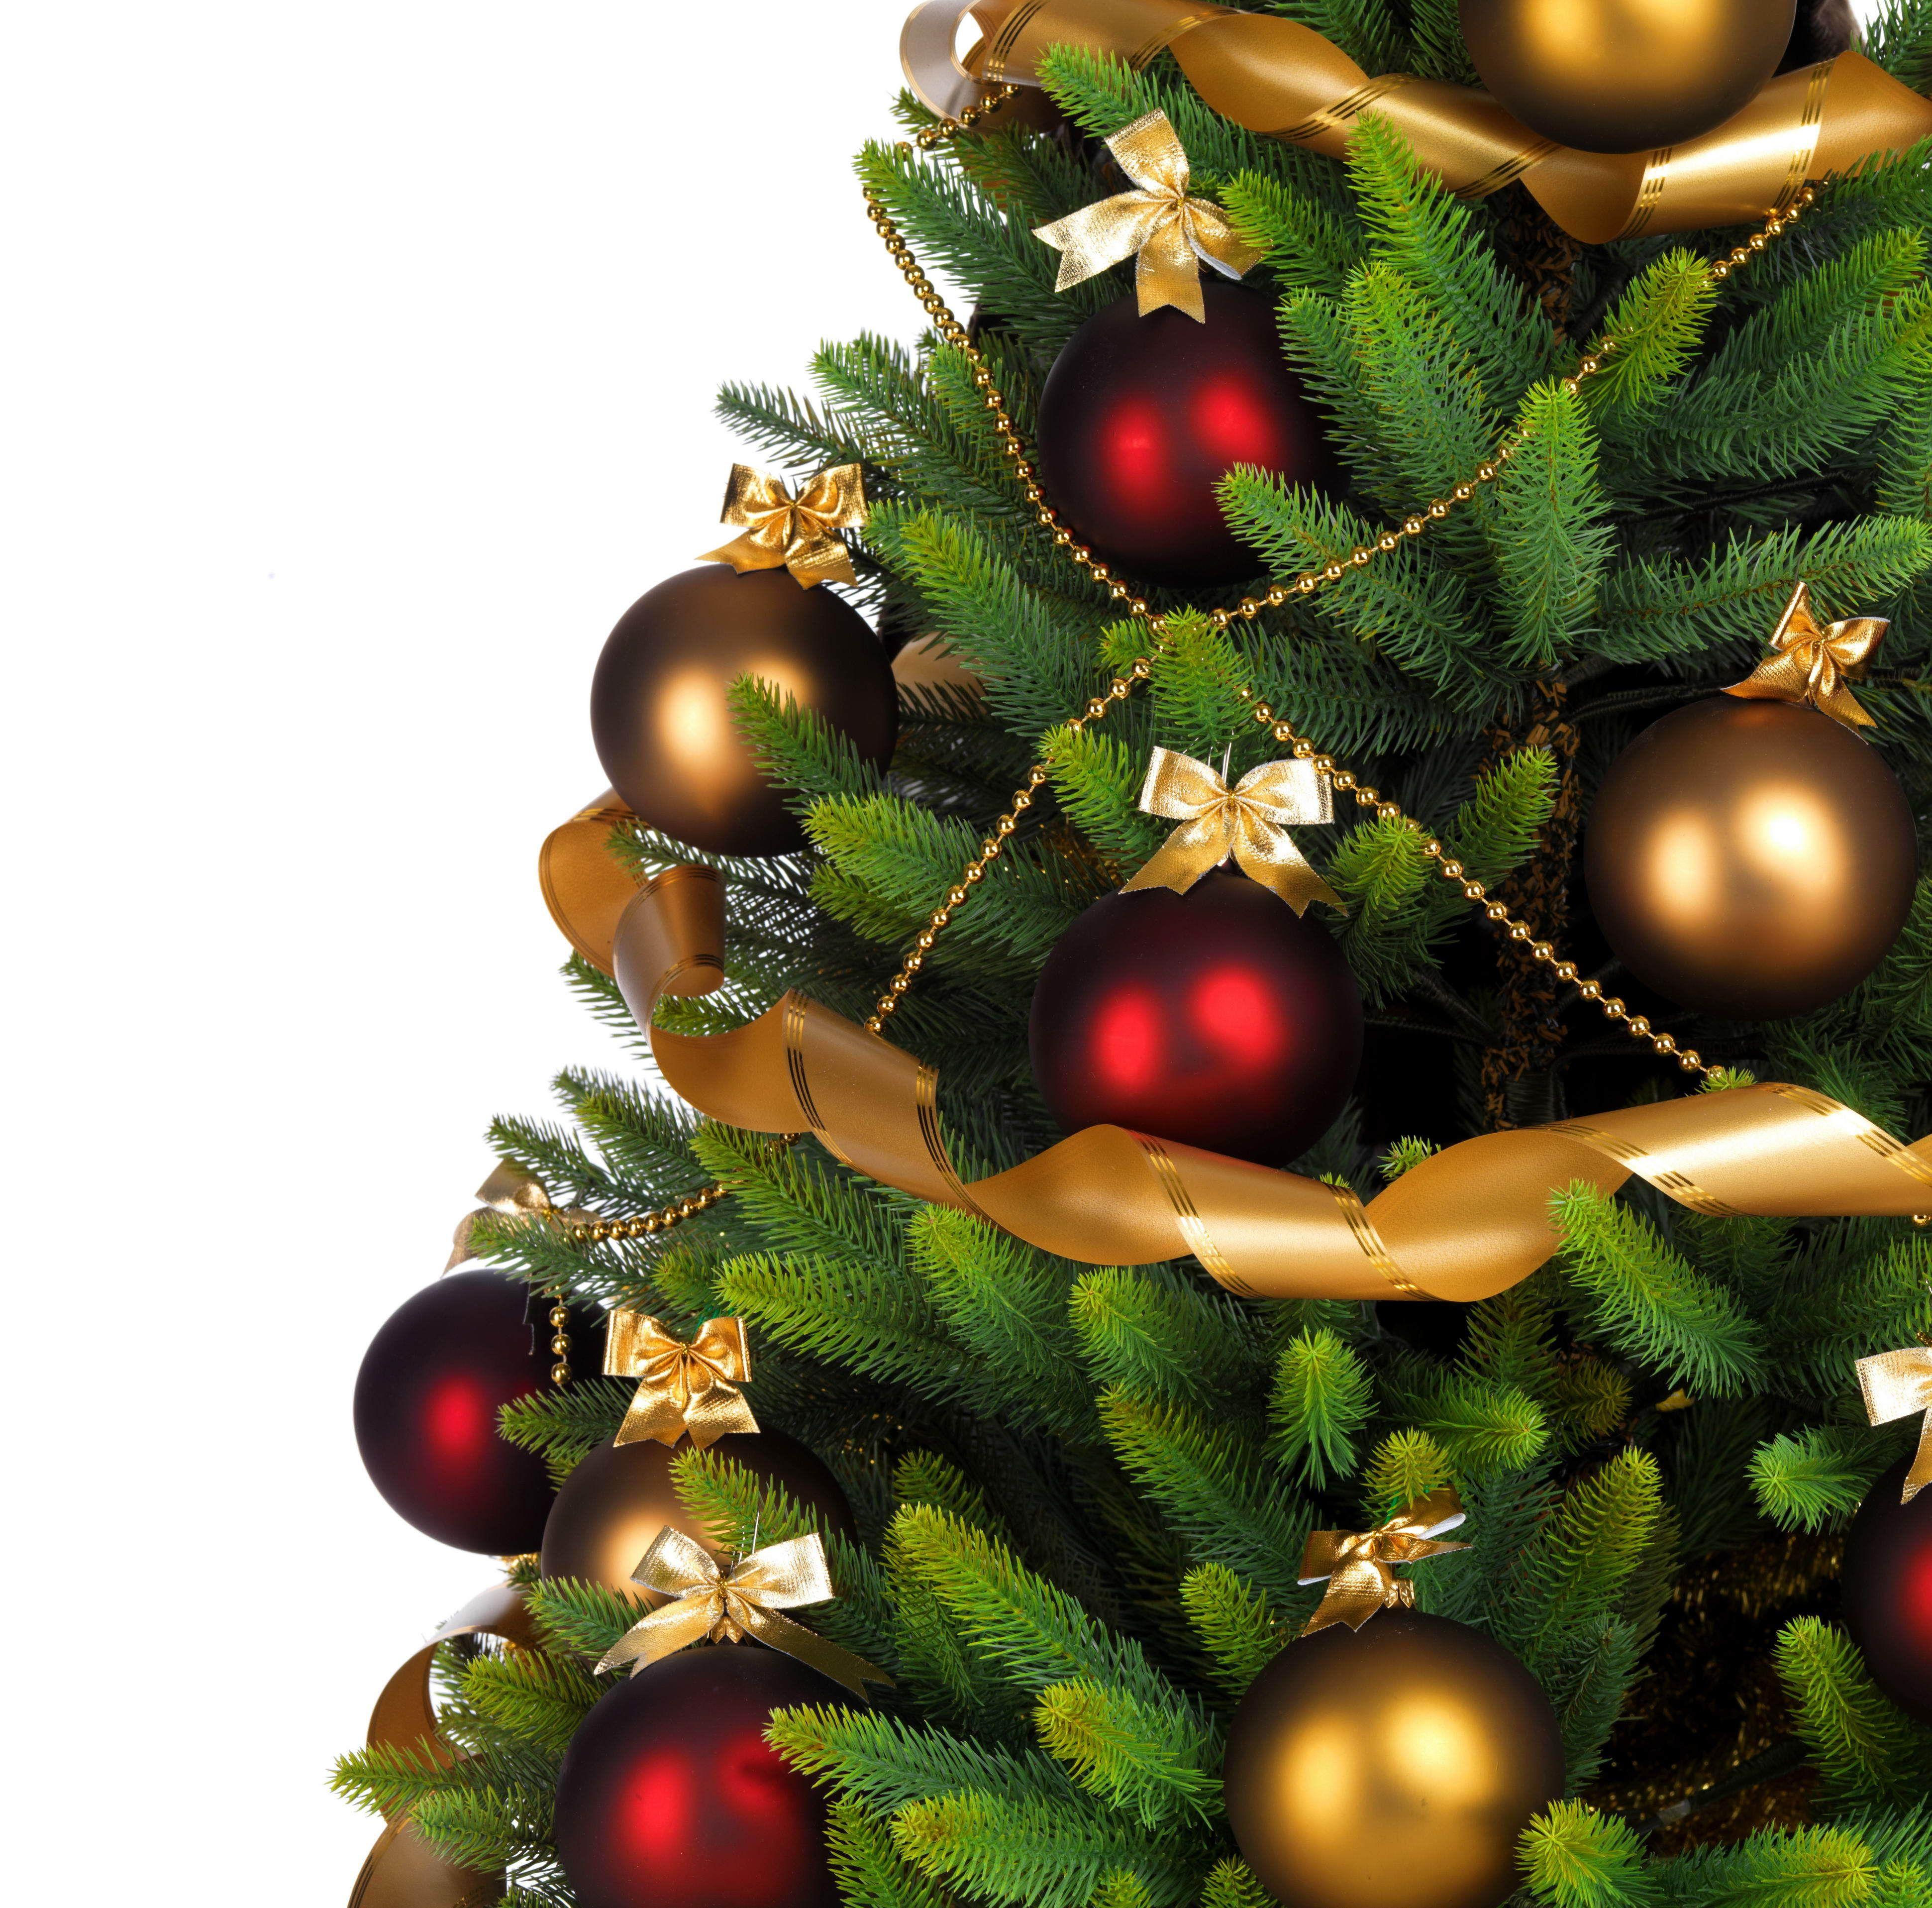 Скачать Картинку Новогодней Елки На Рабочий Стол